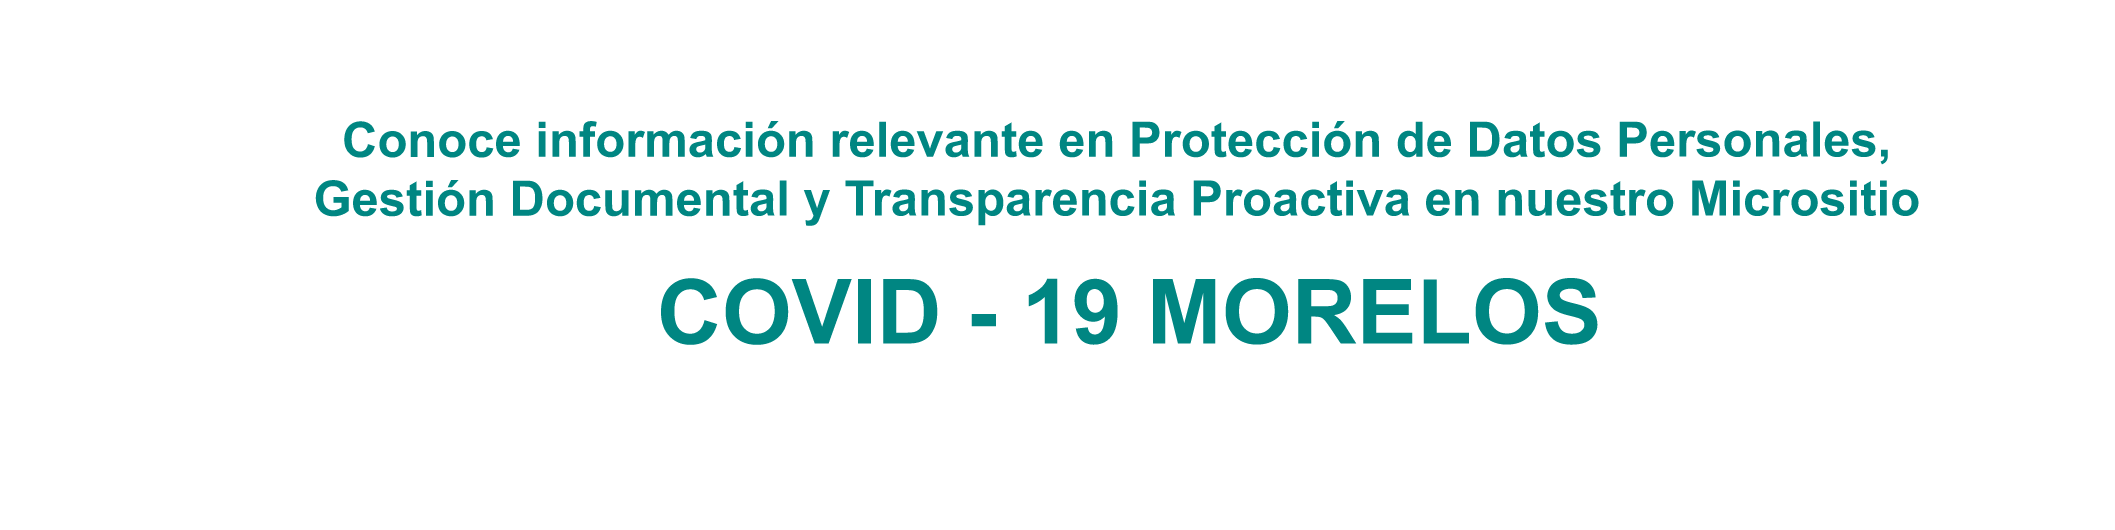 micrositio-covid-rediseno-texto.png